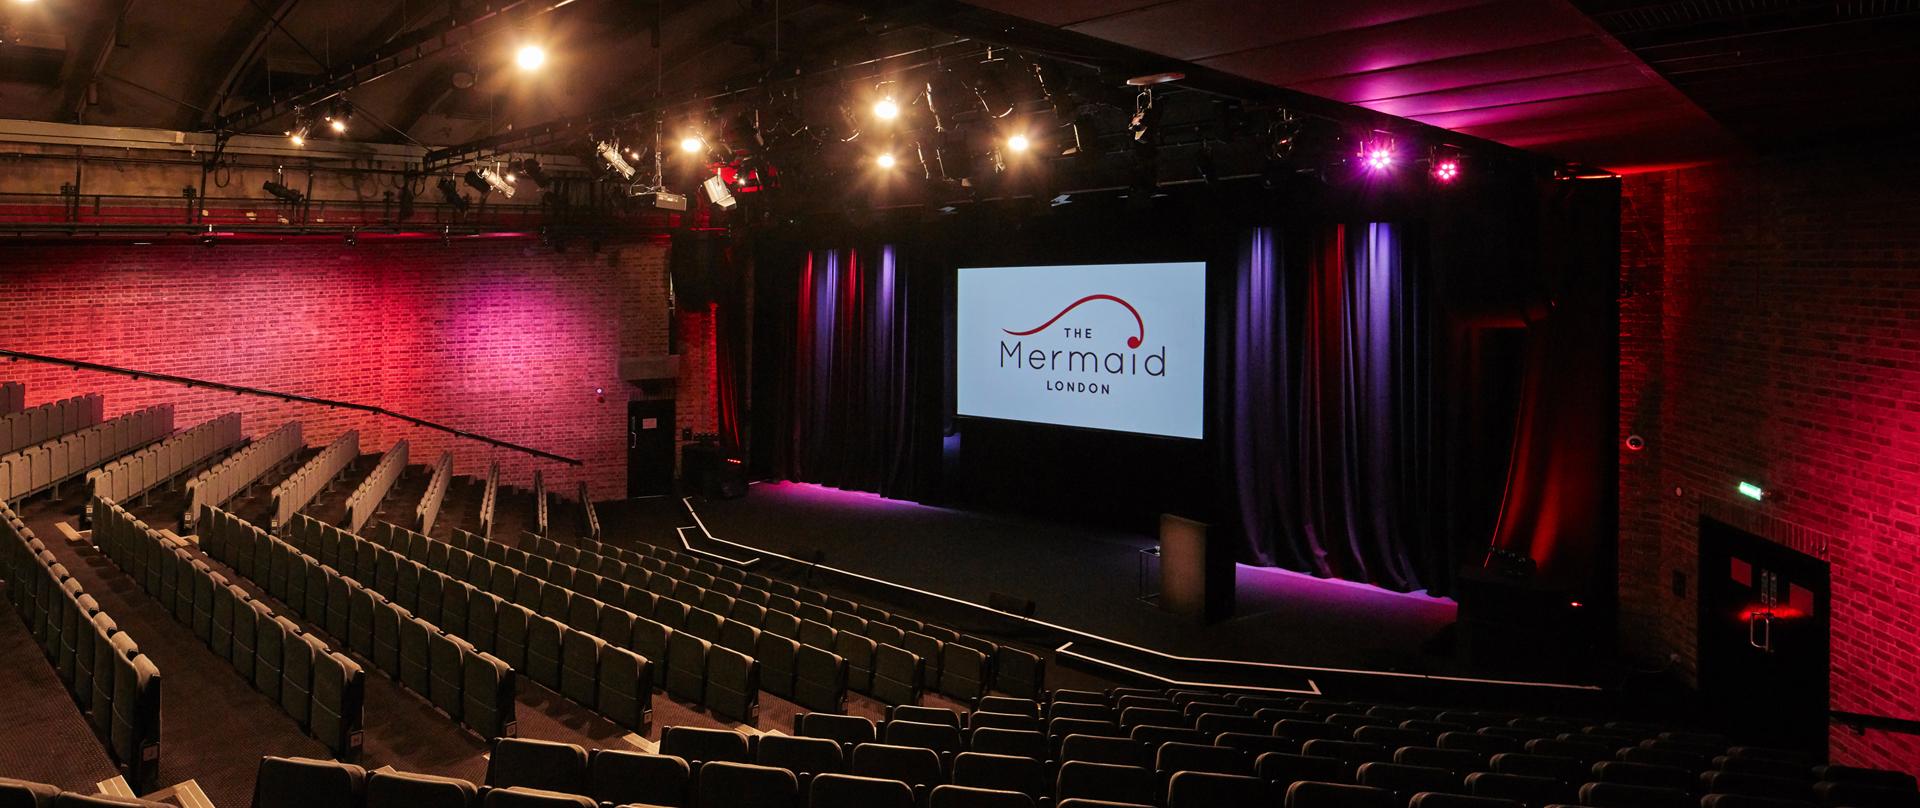 The Mermaid Auditorium